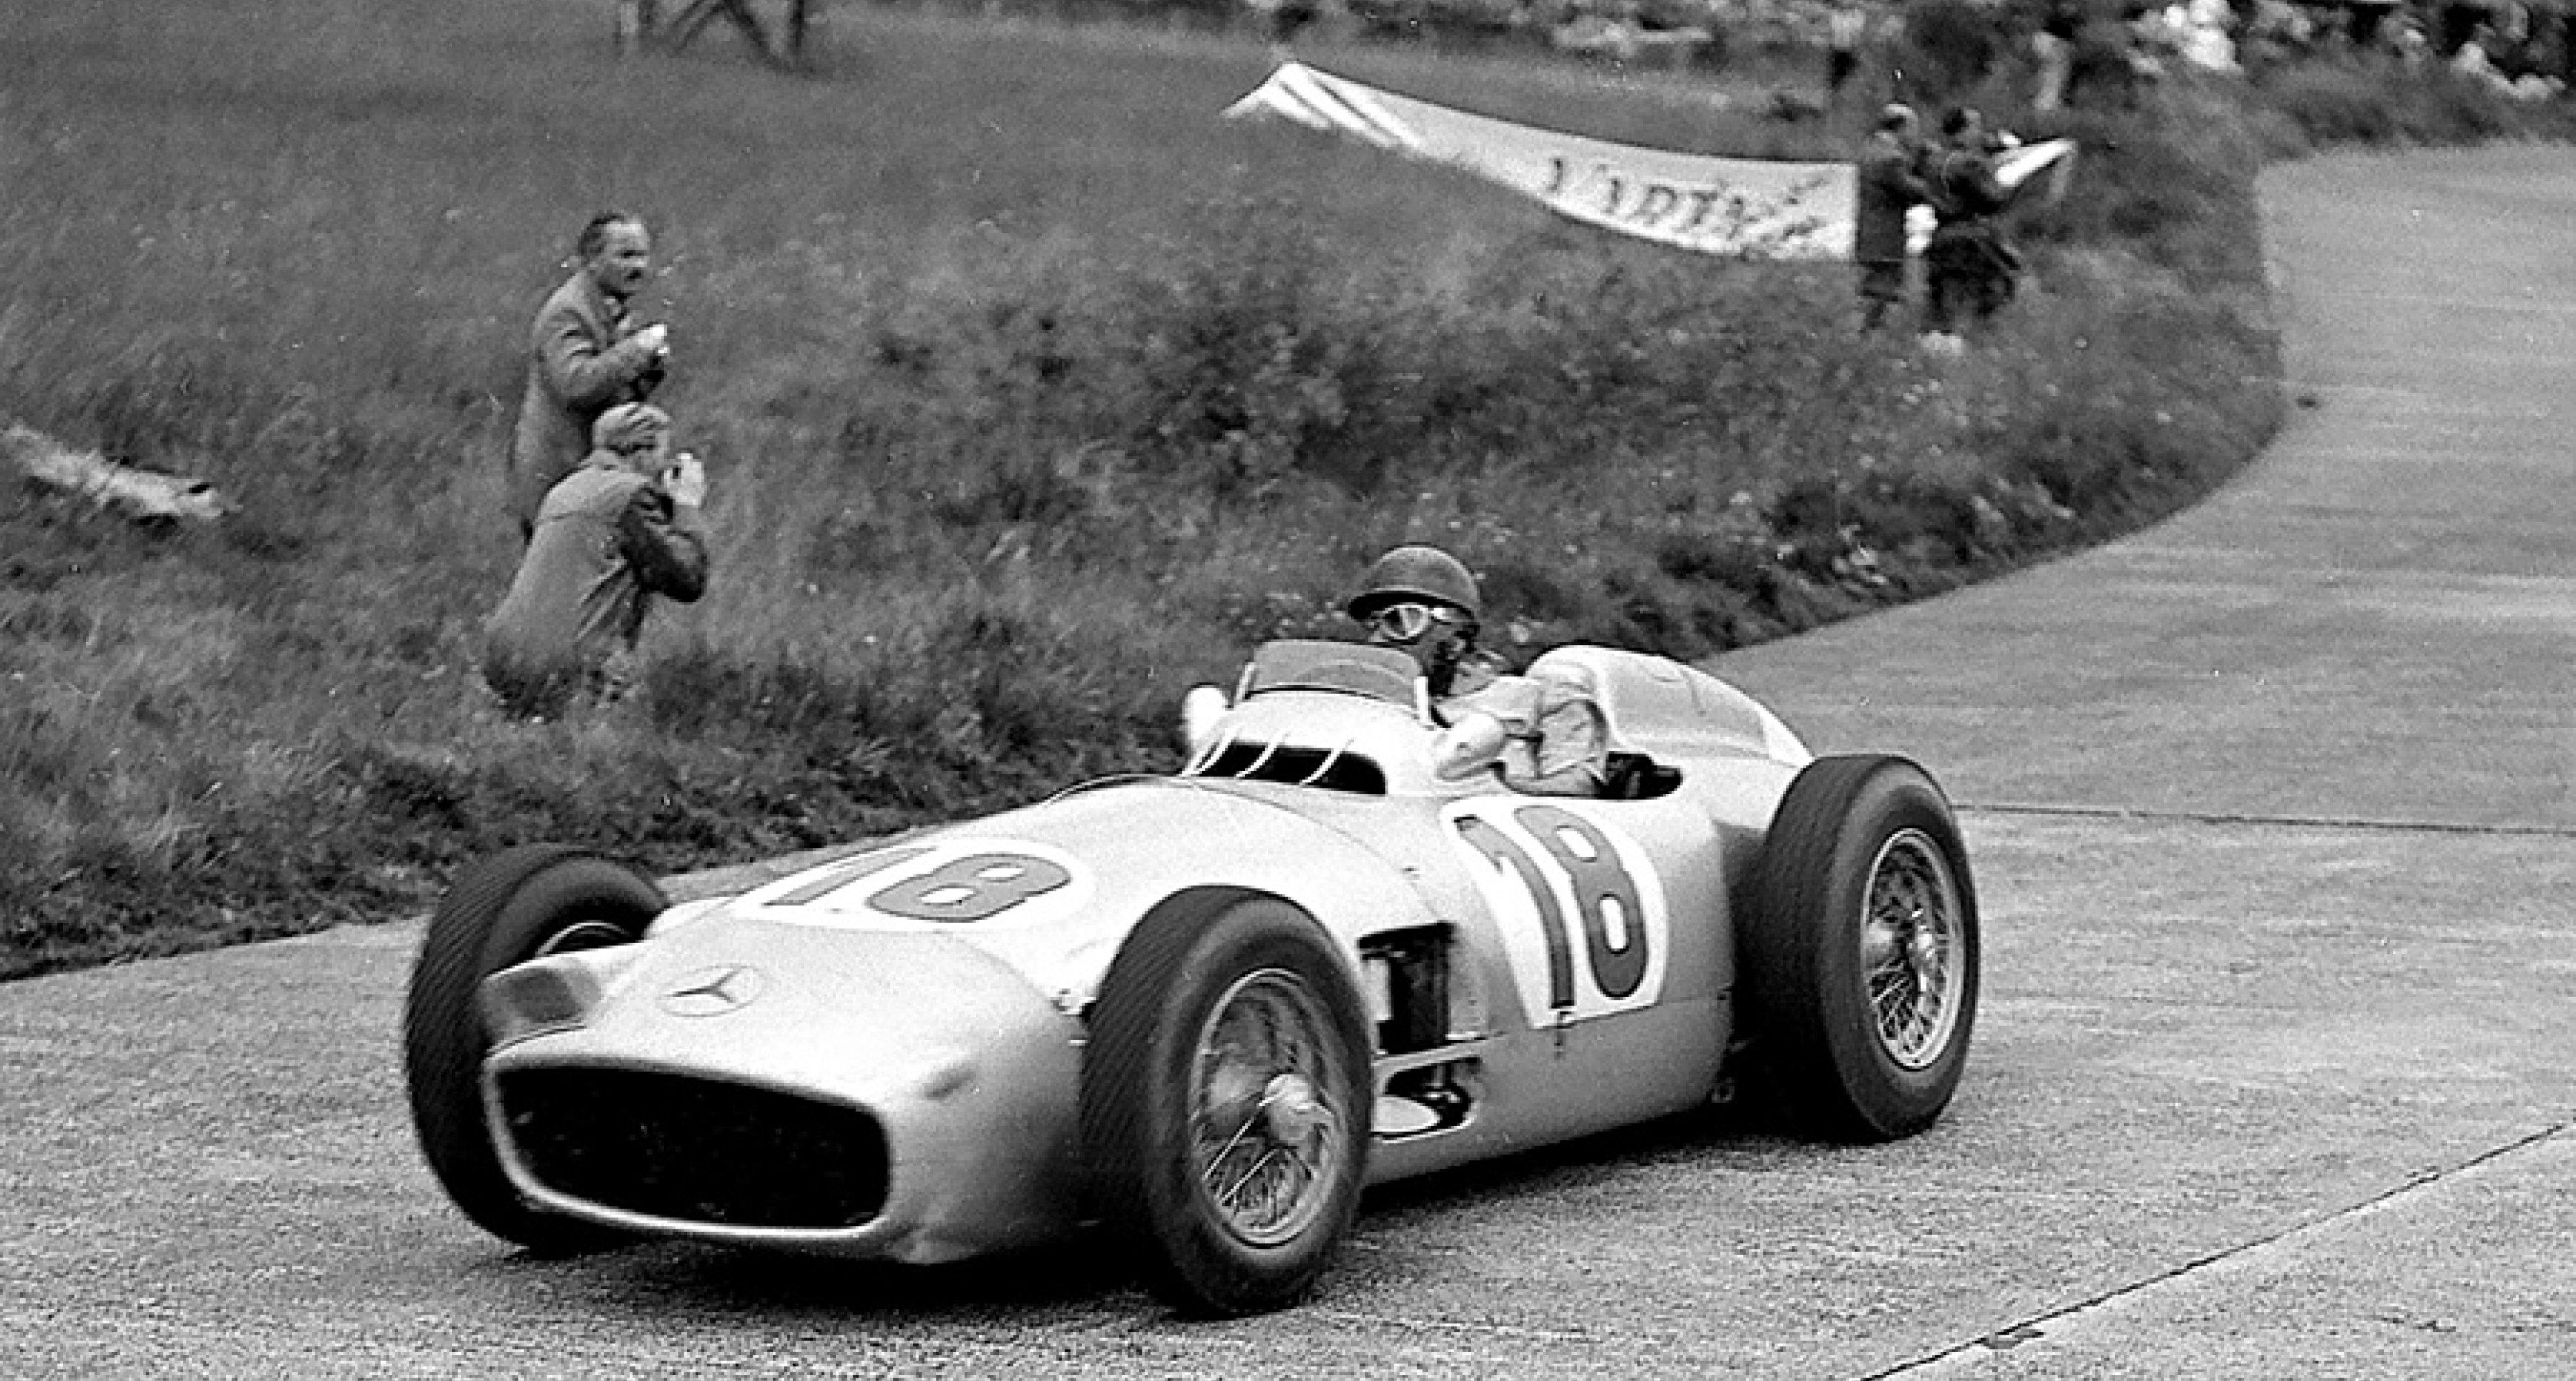 Mercedes grand prix car